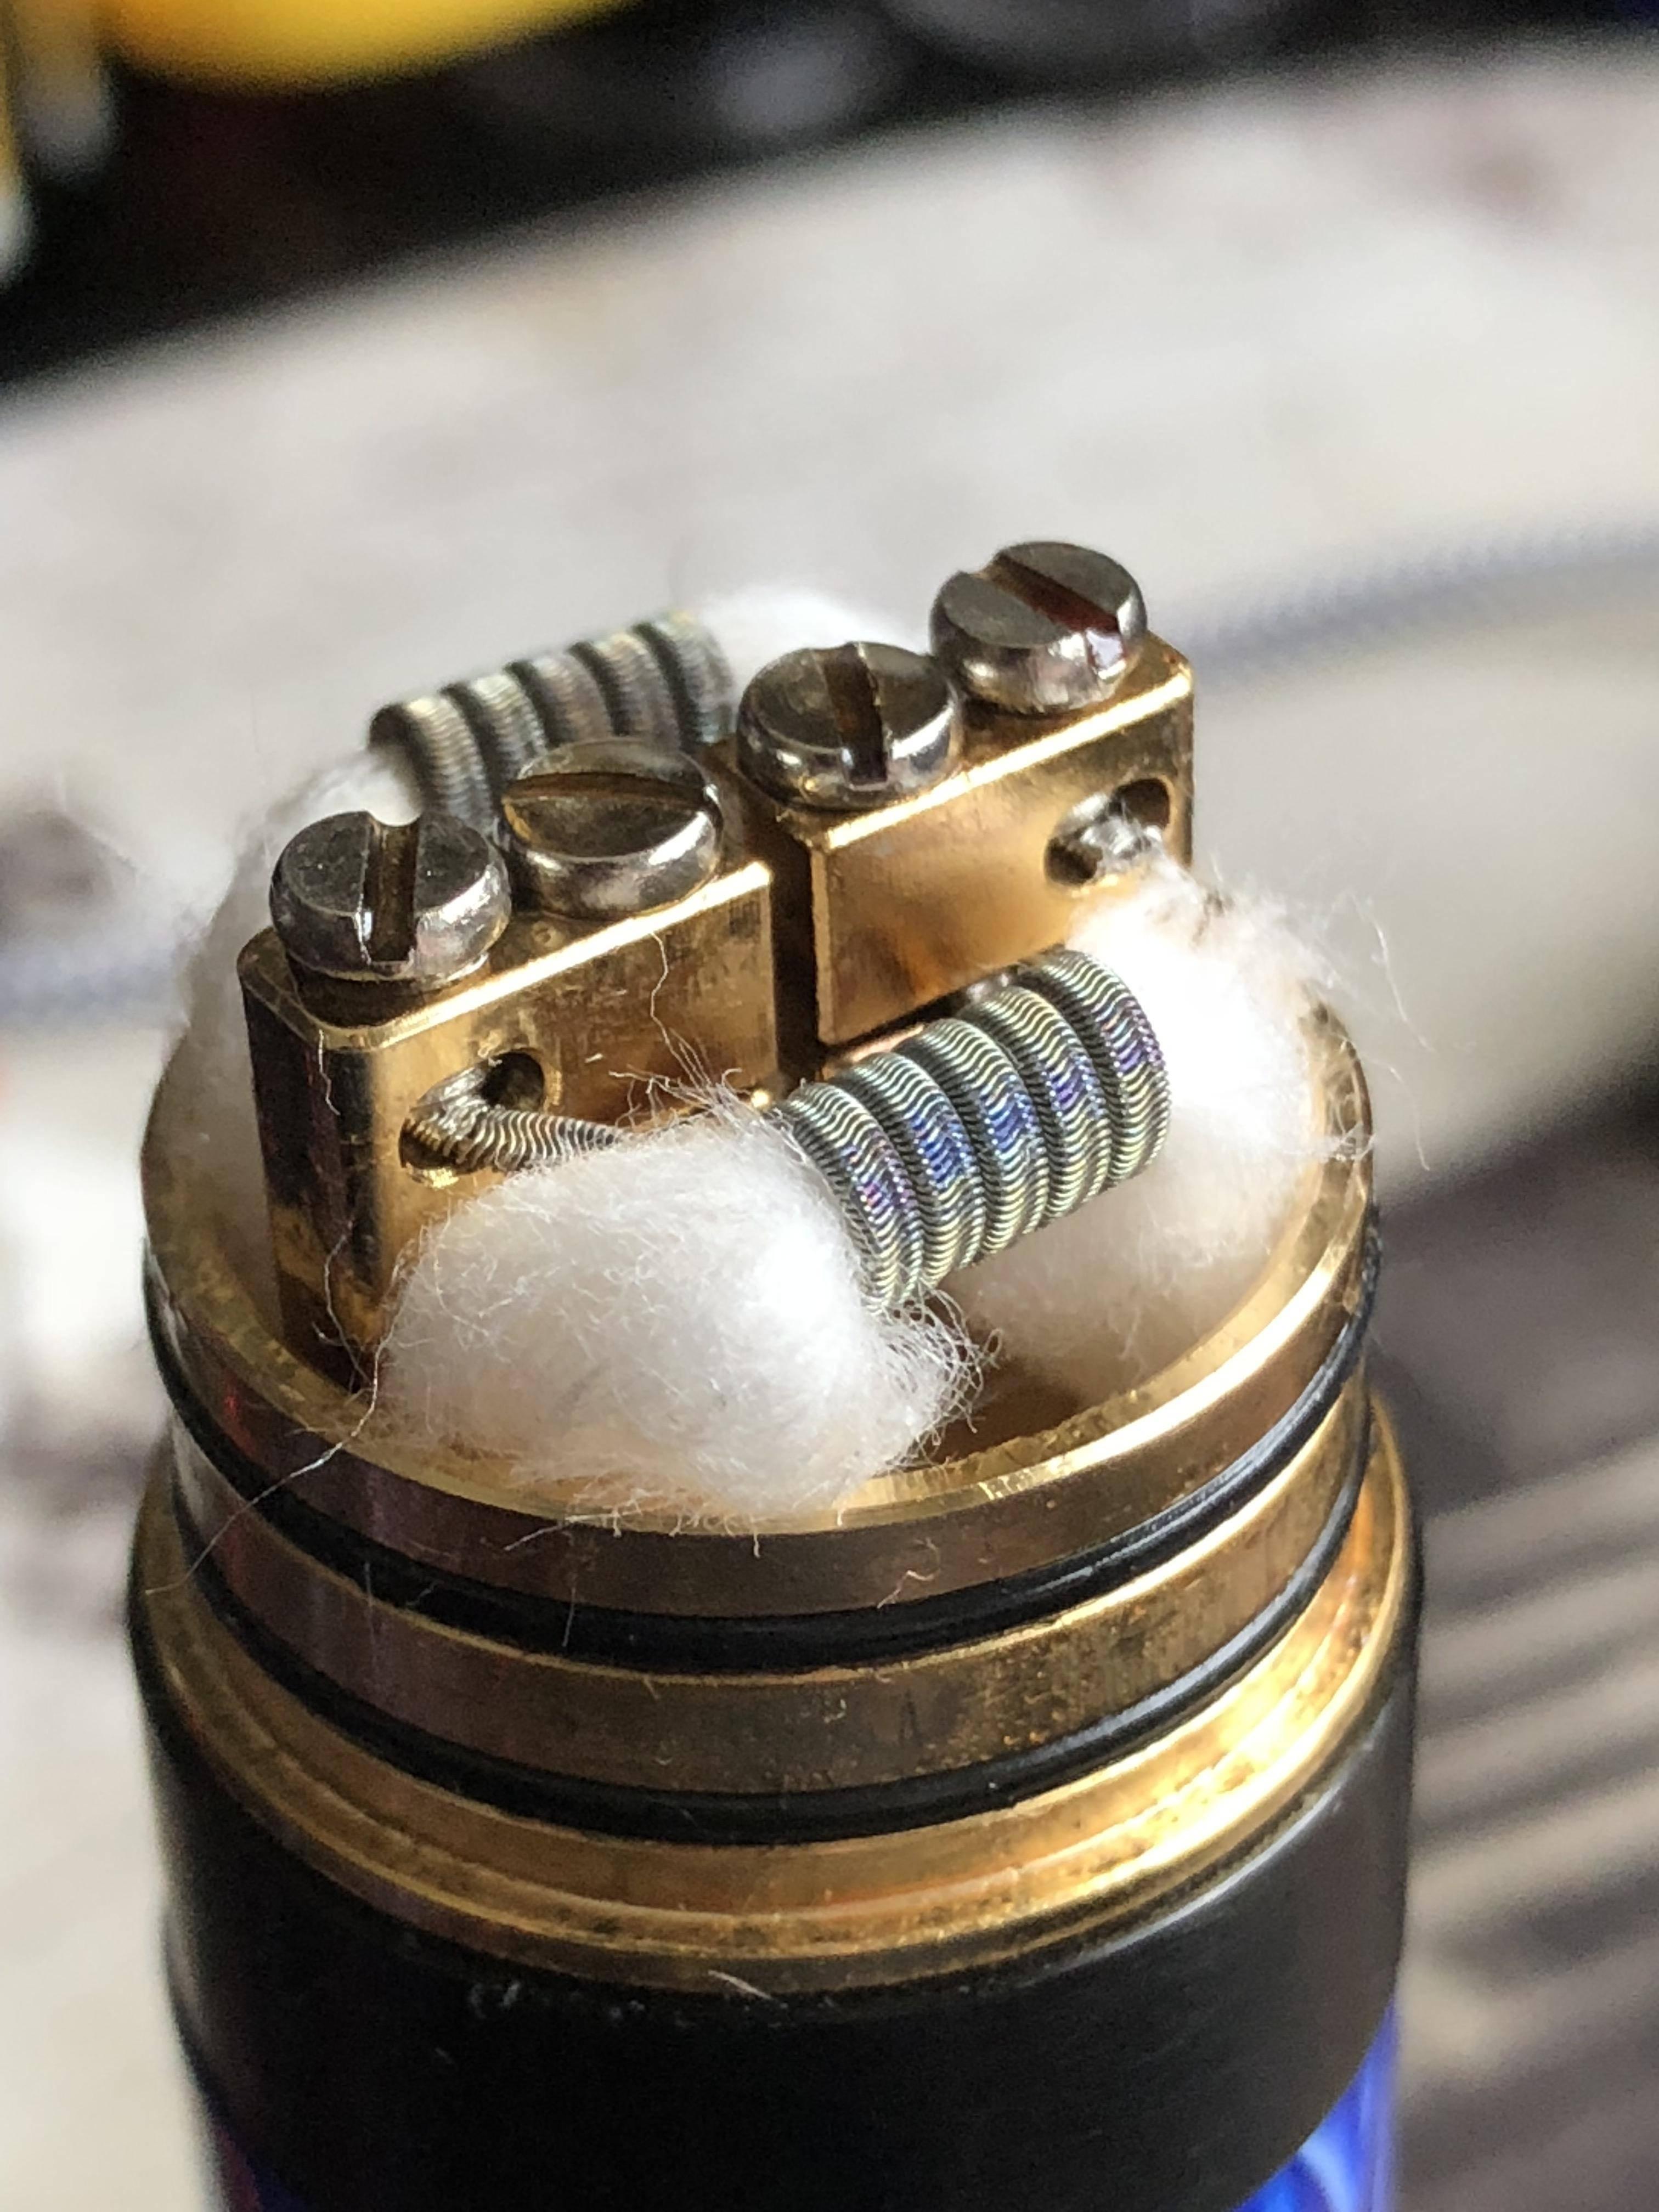 Какую проволоку лучше выбрать для намотки своего атомайзера для комфортного парения?